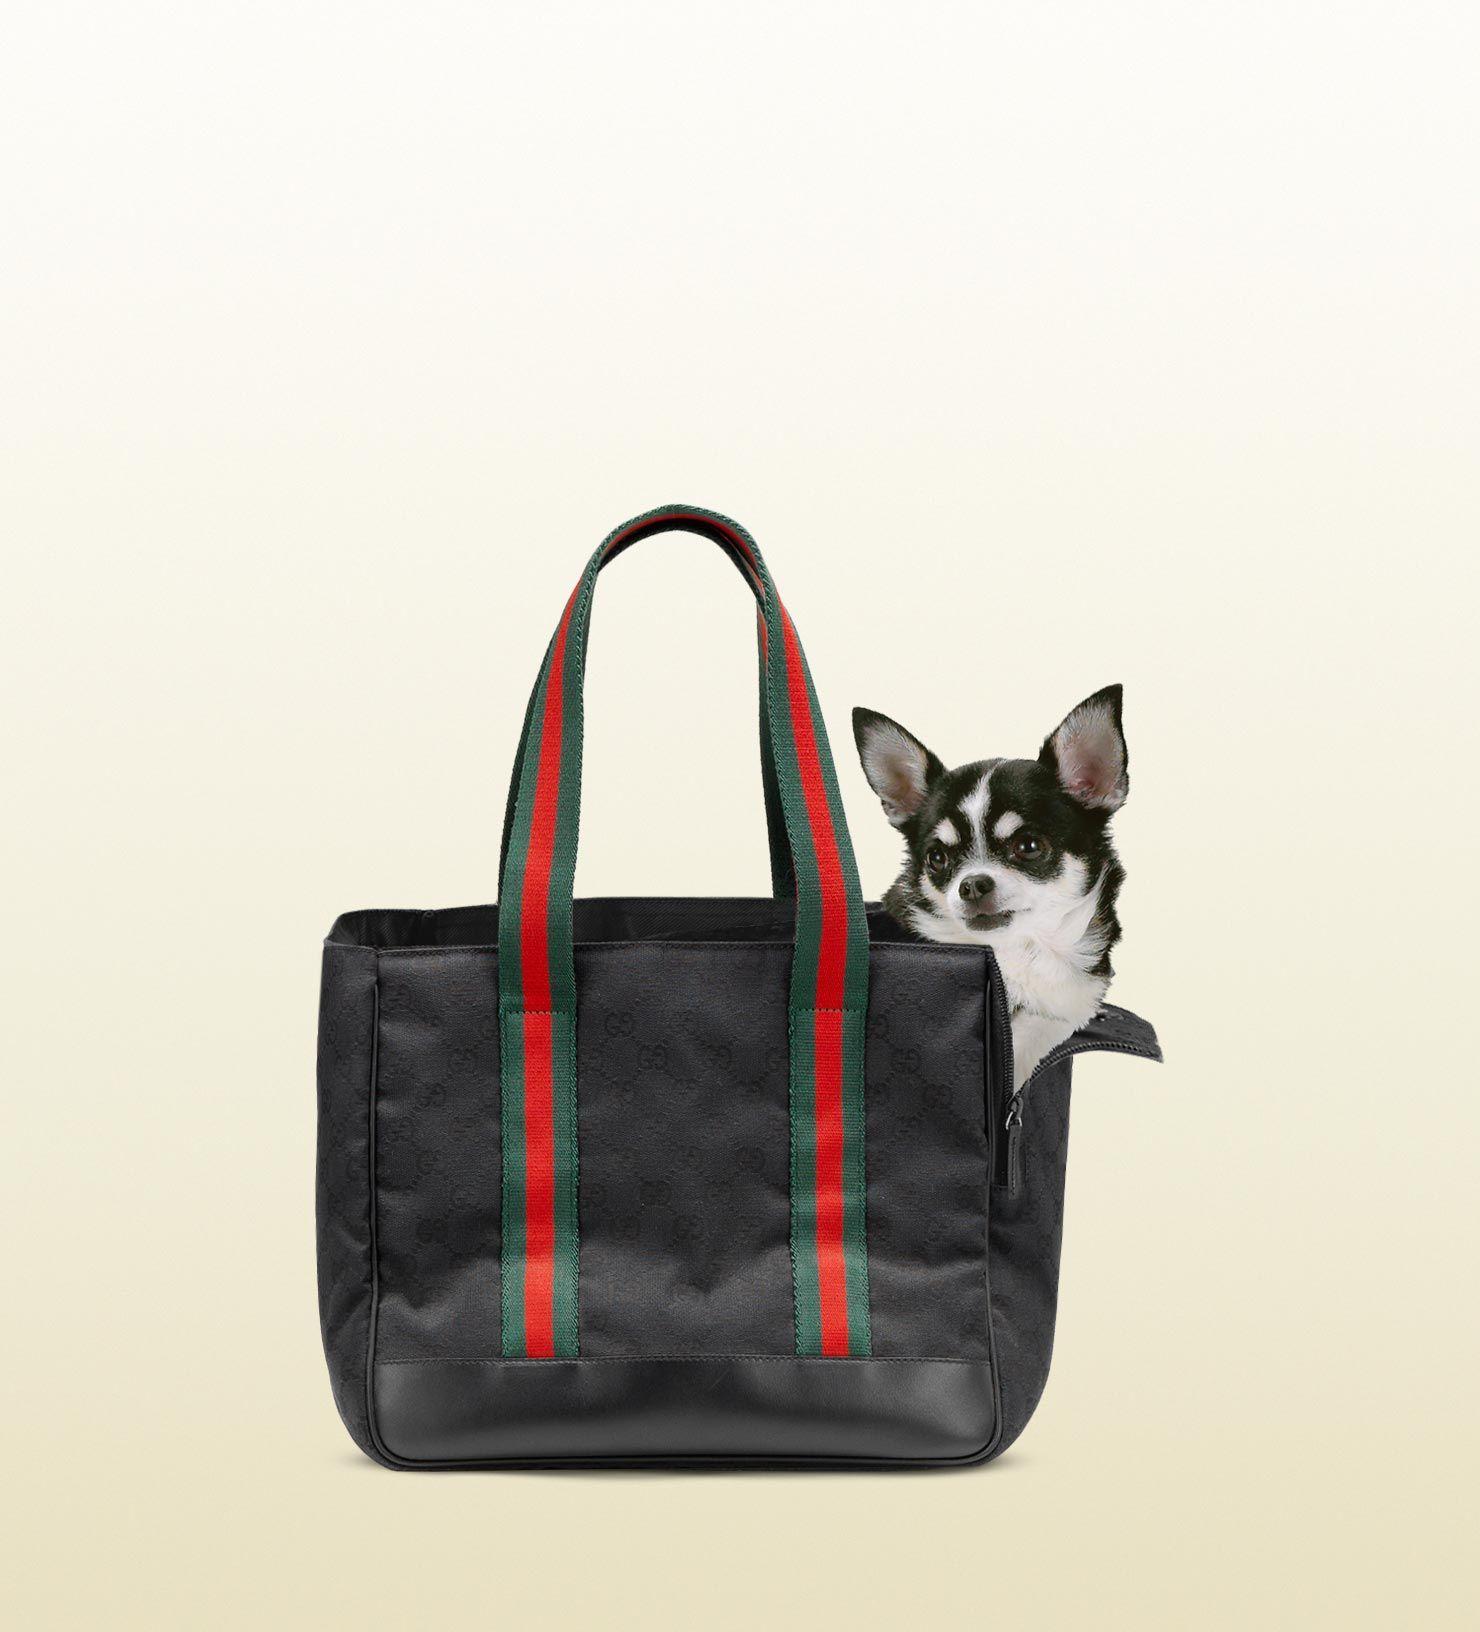 Gucci dog bag. | WOOF WOOF WISH List | Pinterest